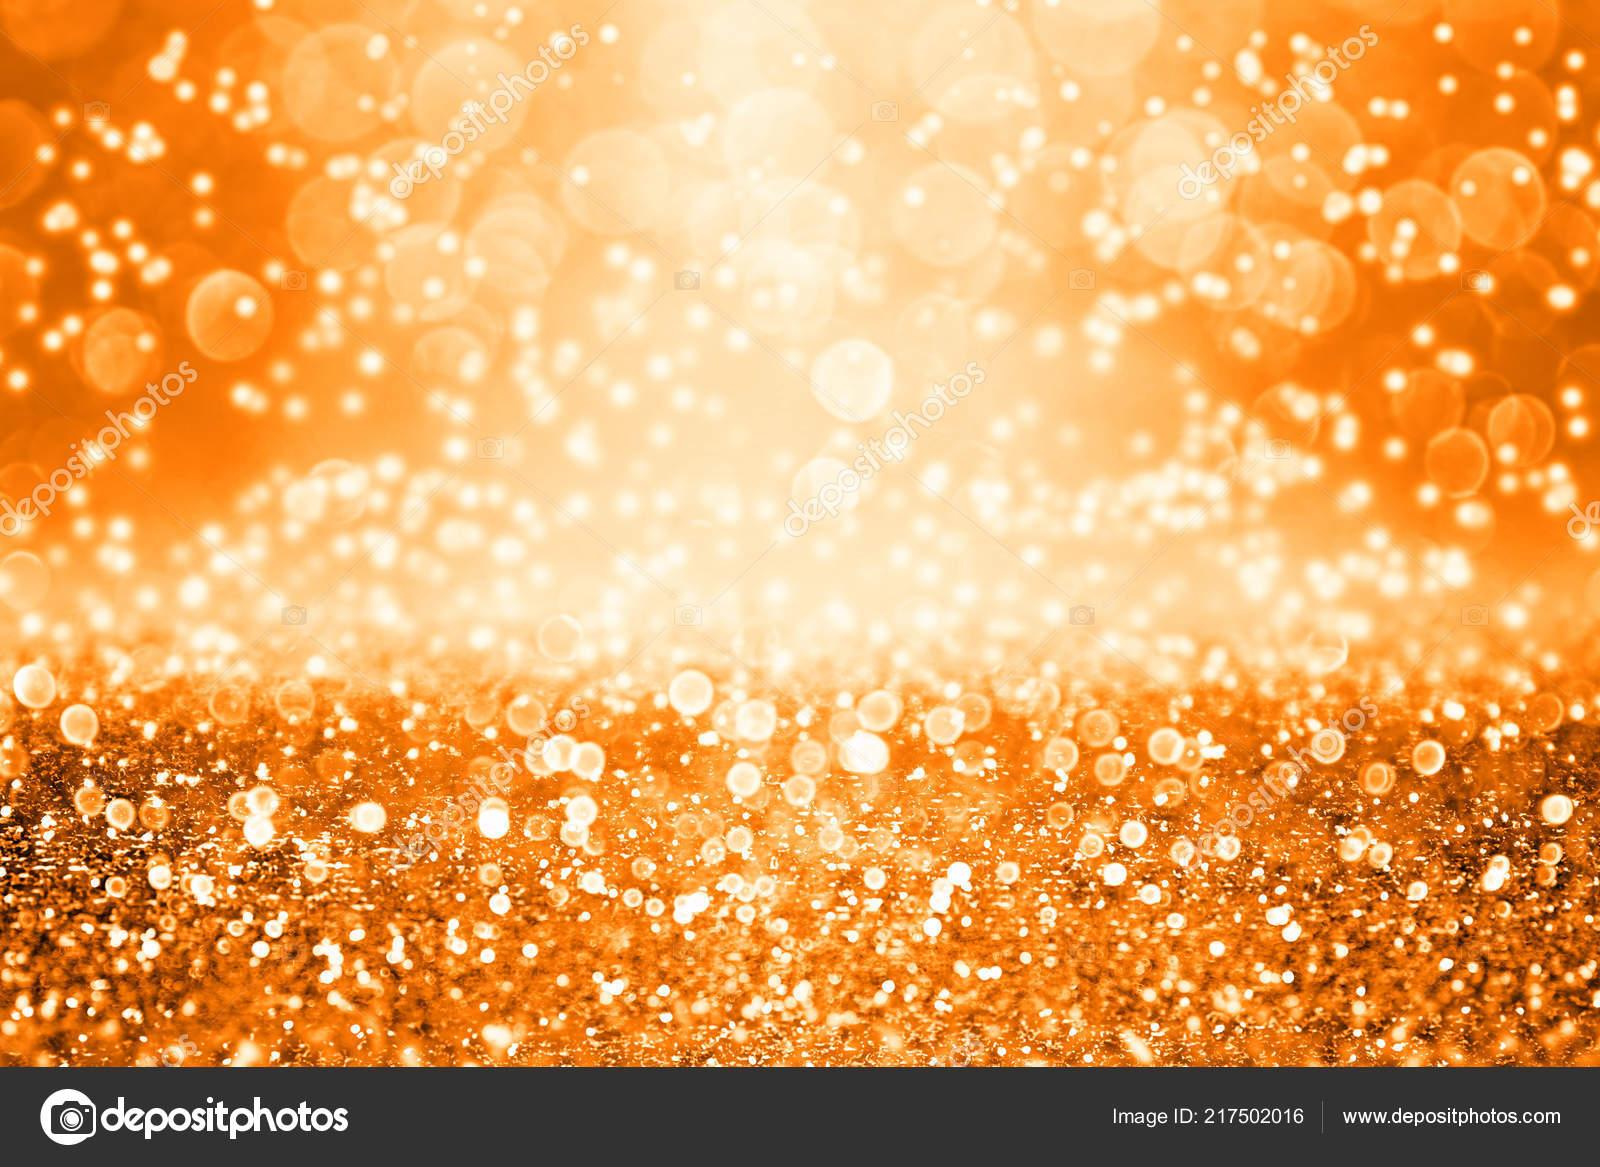 Sparkle Glitter Nero Arancione Scuro Astratto Sfondo Coriandoli Buon